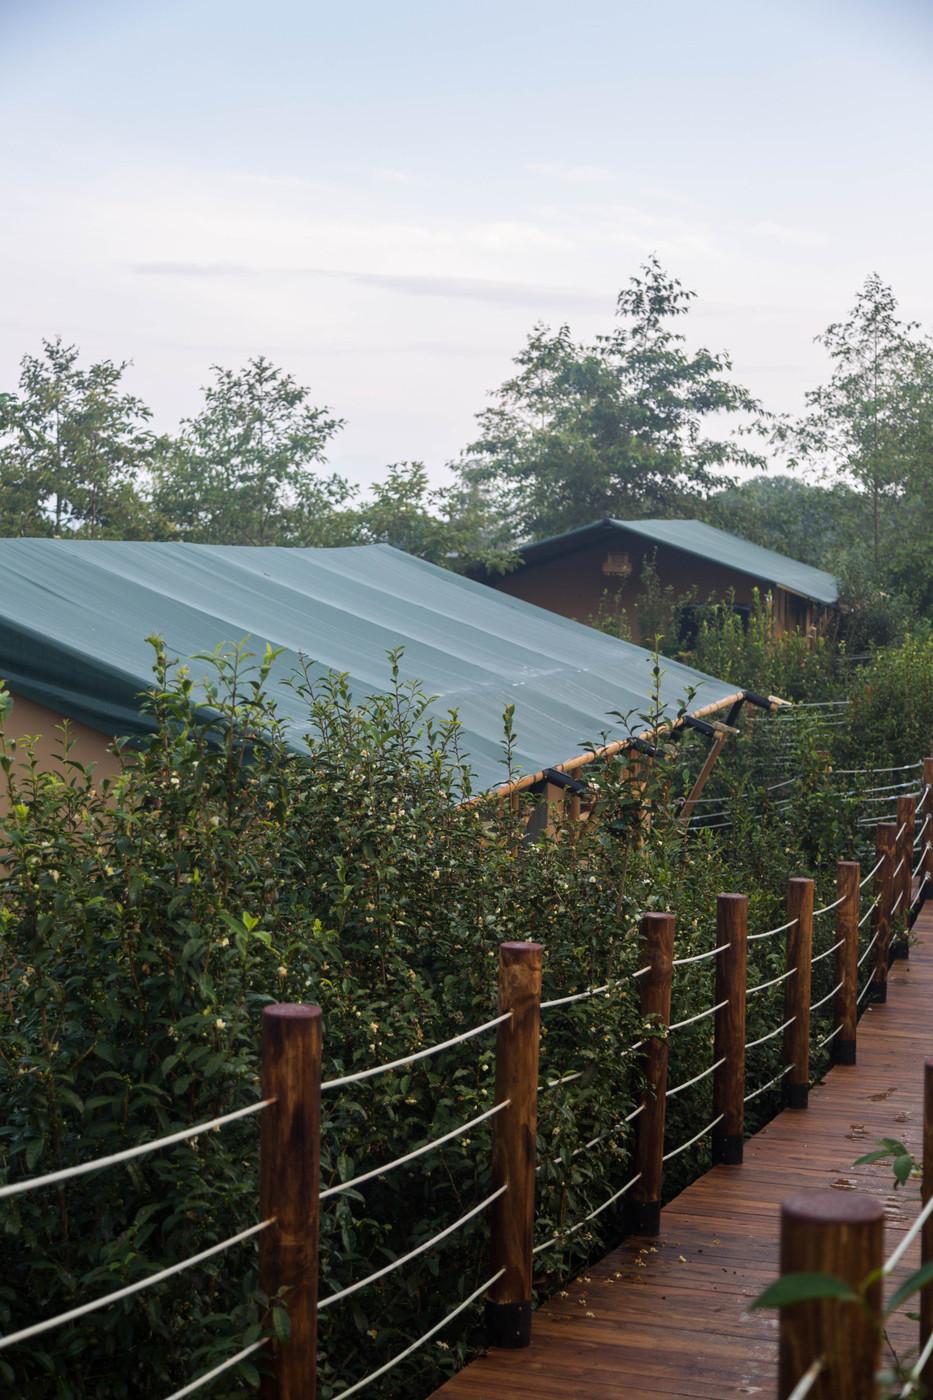 喜马拉雅野奢帐篷酒店—云南腾冲高黎贡山茶博园6